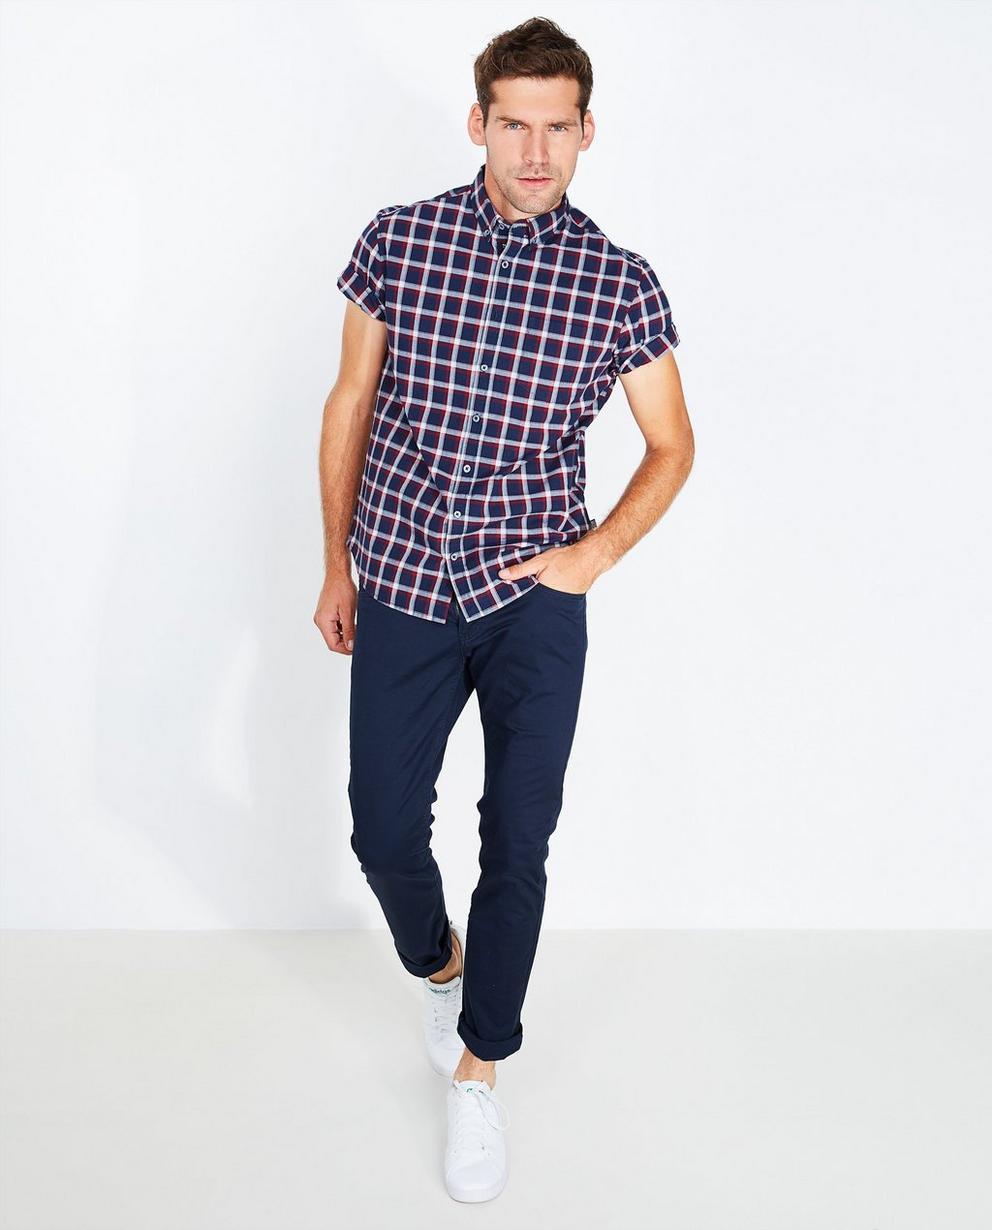 Chemise bleu foncé - à carreaux, comfort fit - Tim Moore